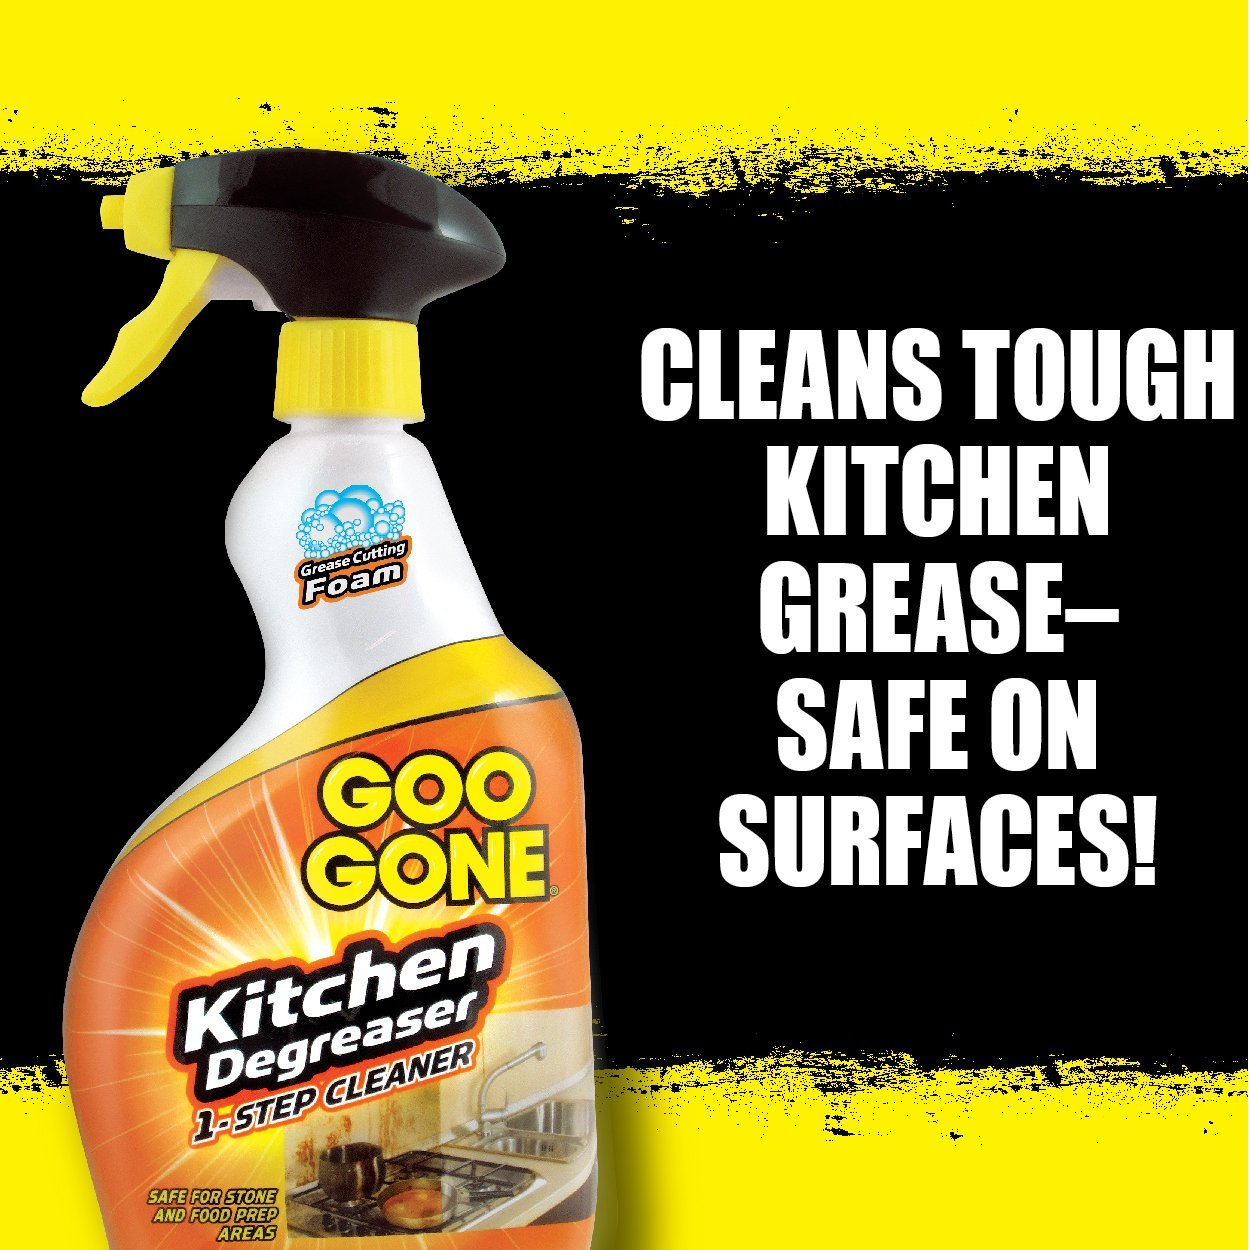 Amazon.com: Goo Gone Kitchen Degreaser, 14 fl oz: Health ...